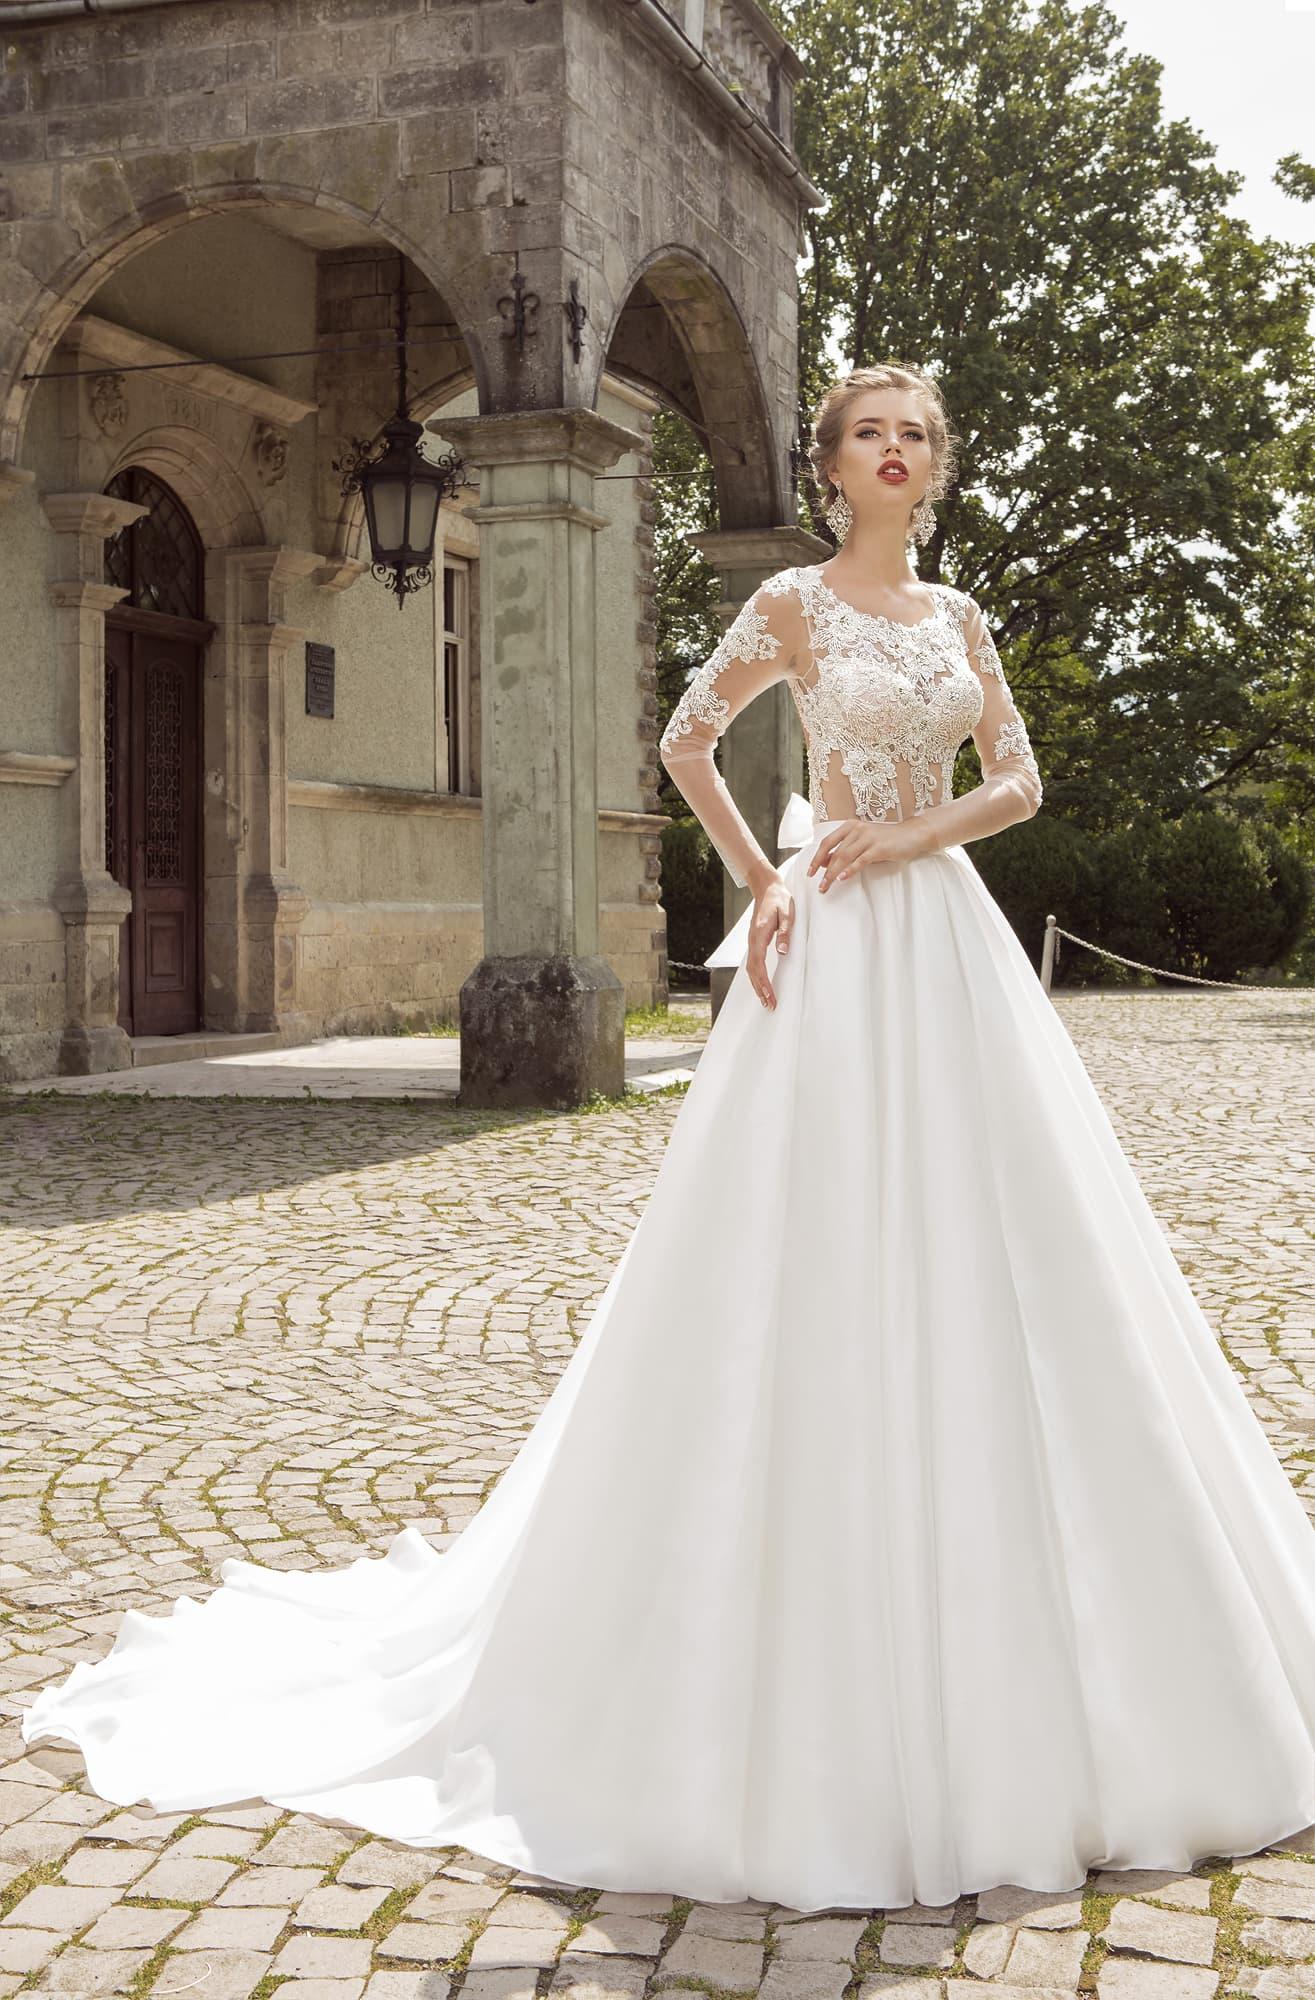 d3ec1b426f30499 Свадебное платье с полупрозрачным кружевным корсетом, открытой спиной и  пышным бантом сзади.